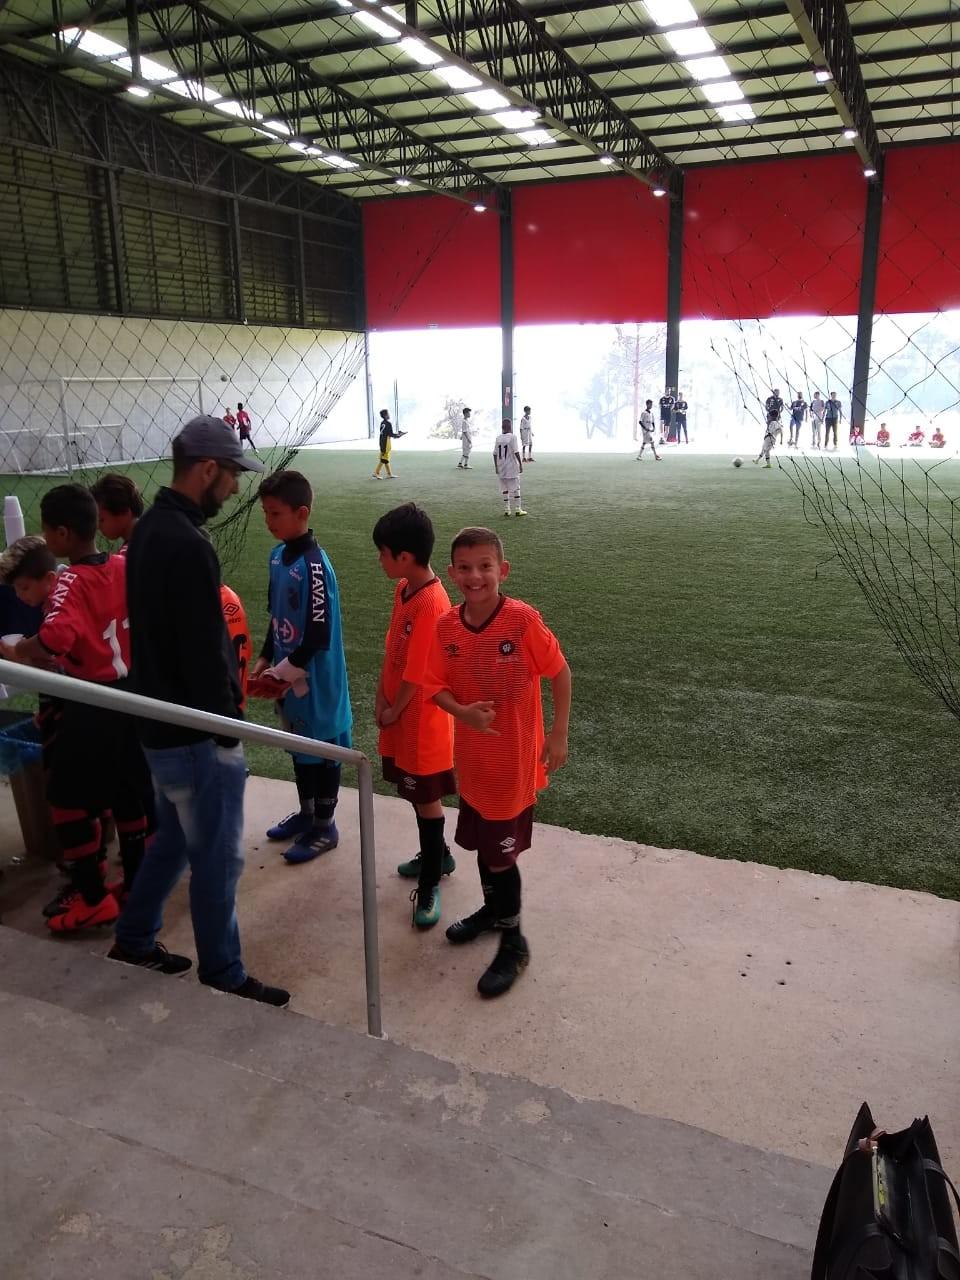 Barracão - Aluno e Professor participam do Festival de Futebol do Furacão em Curitiba